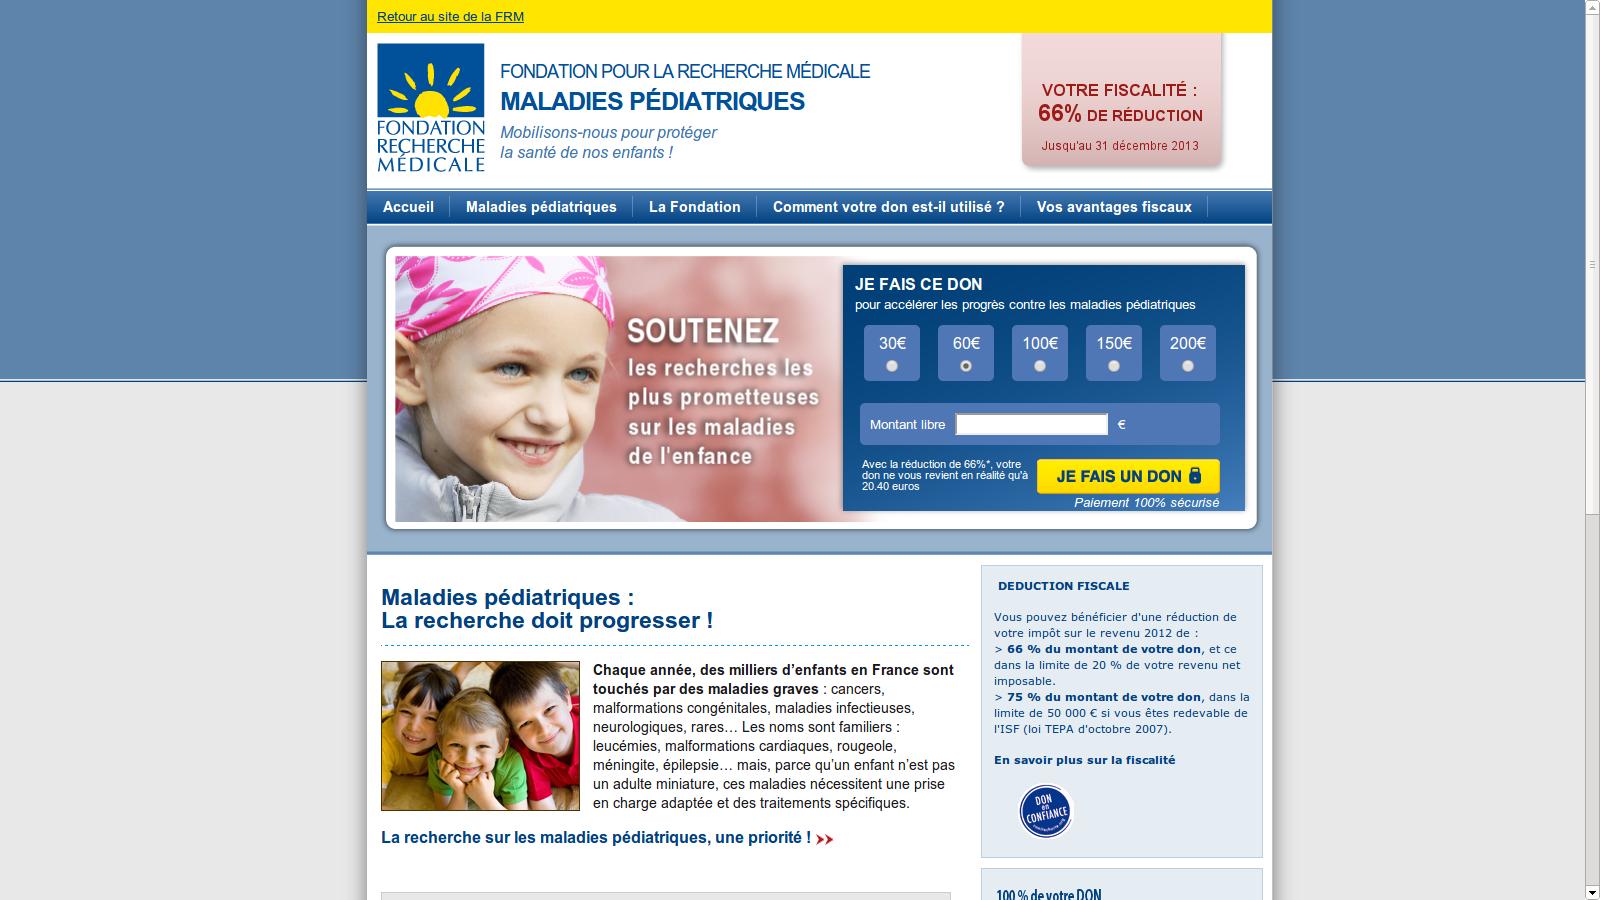 site internet FRM : Maladies pédiatriques